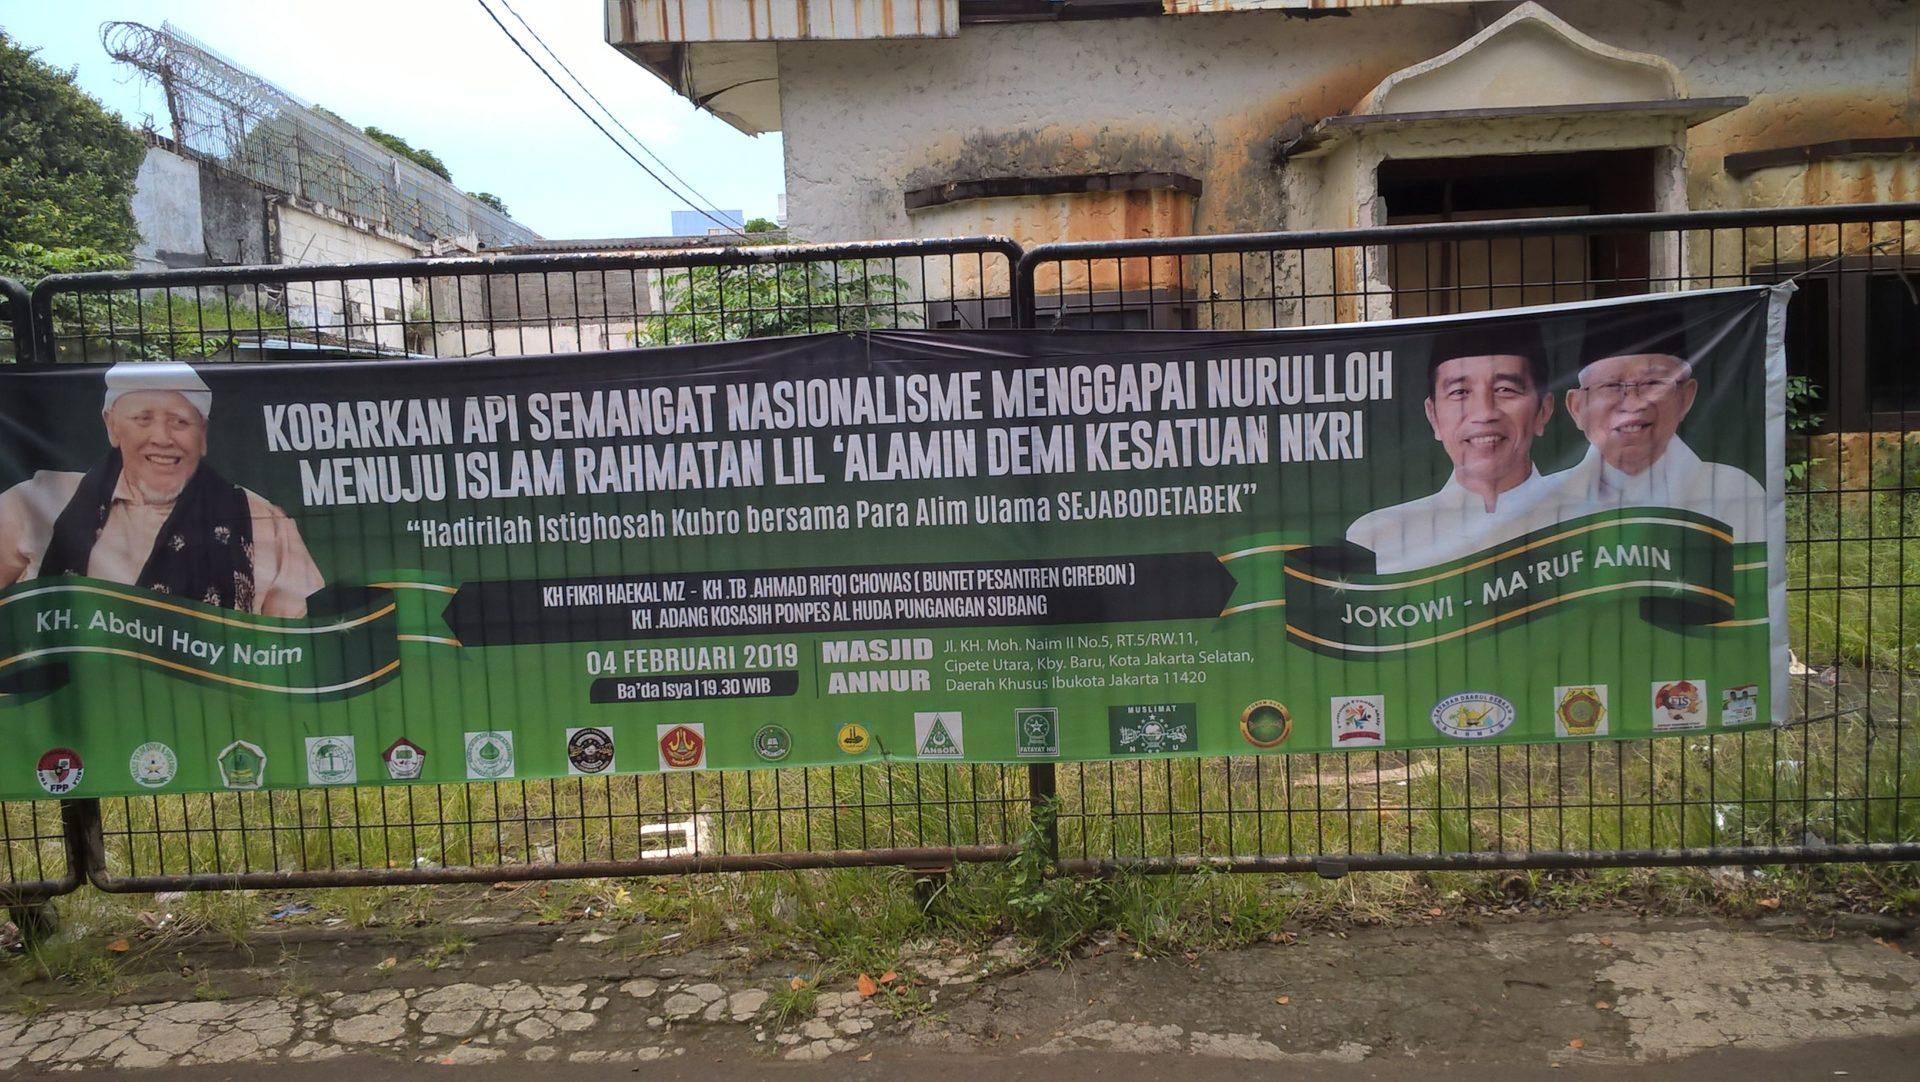 Einladung zu einer islamischen Veranstaltung auf einem Plakat © Timo Duile